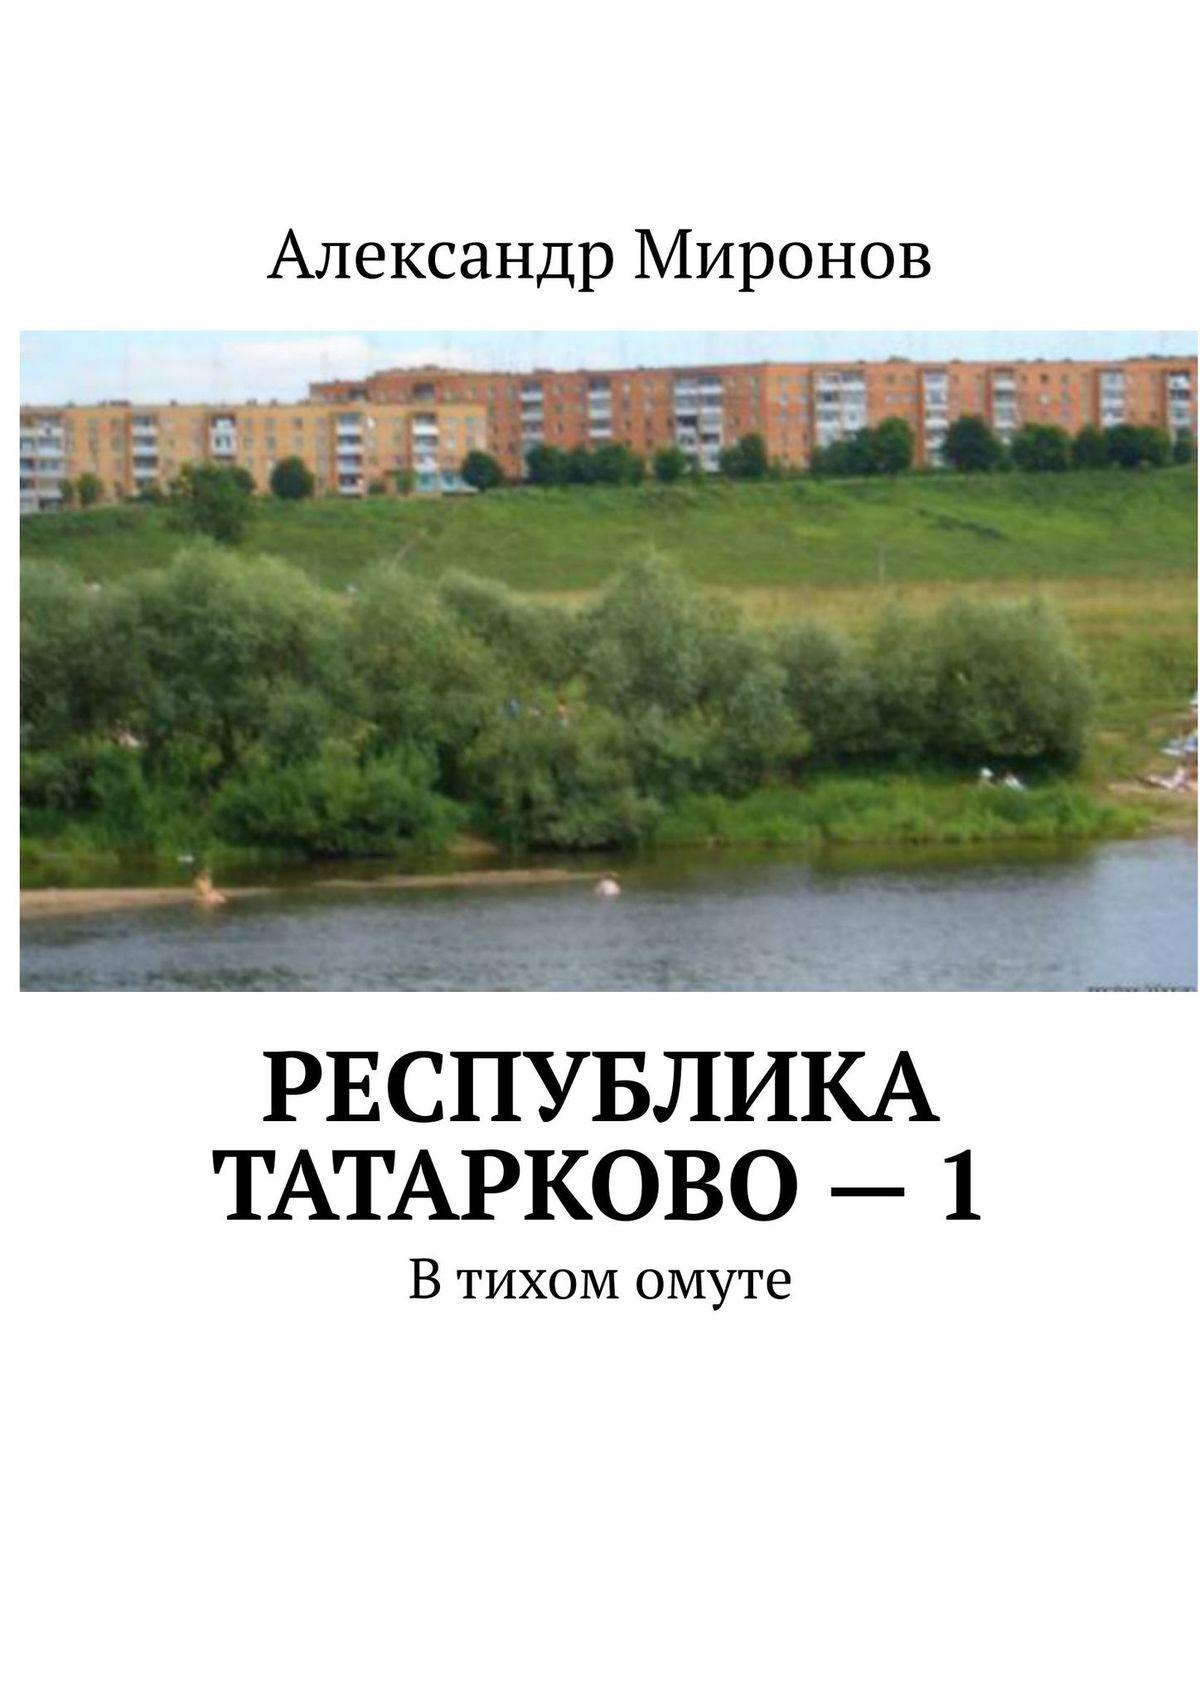 Республика Татарково–1. Втихом омуте